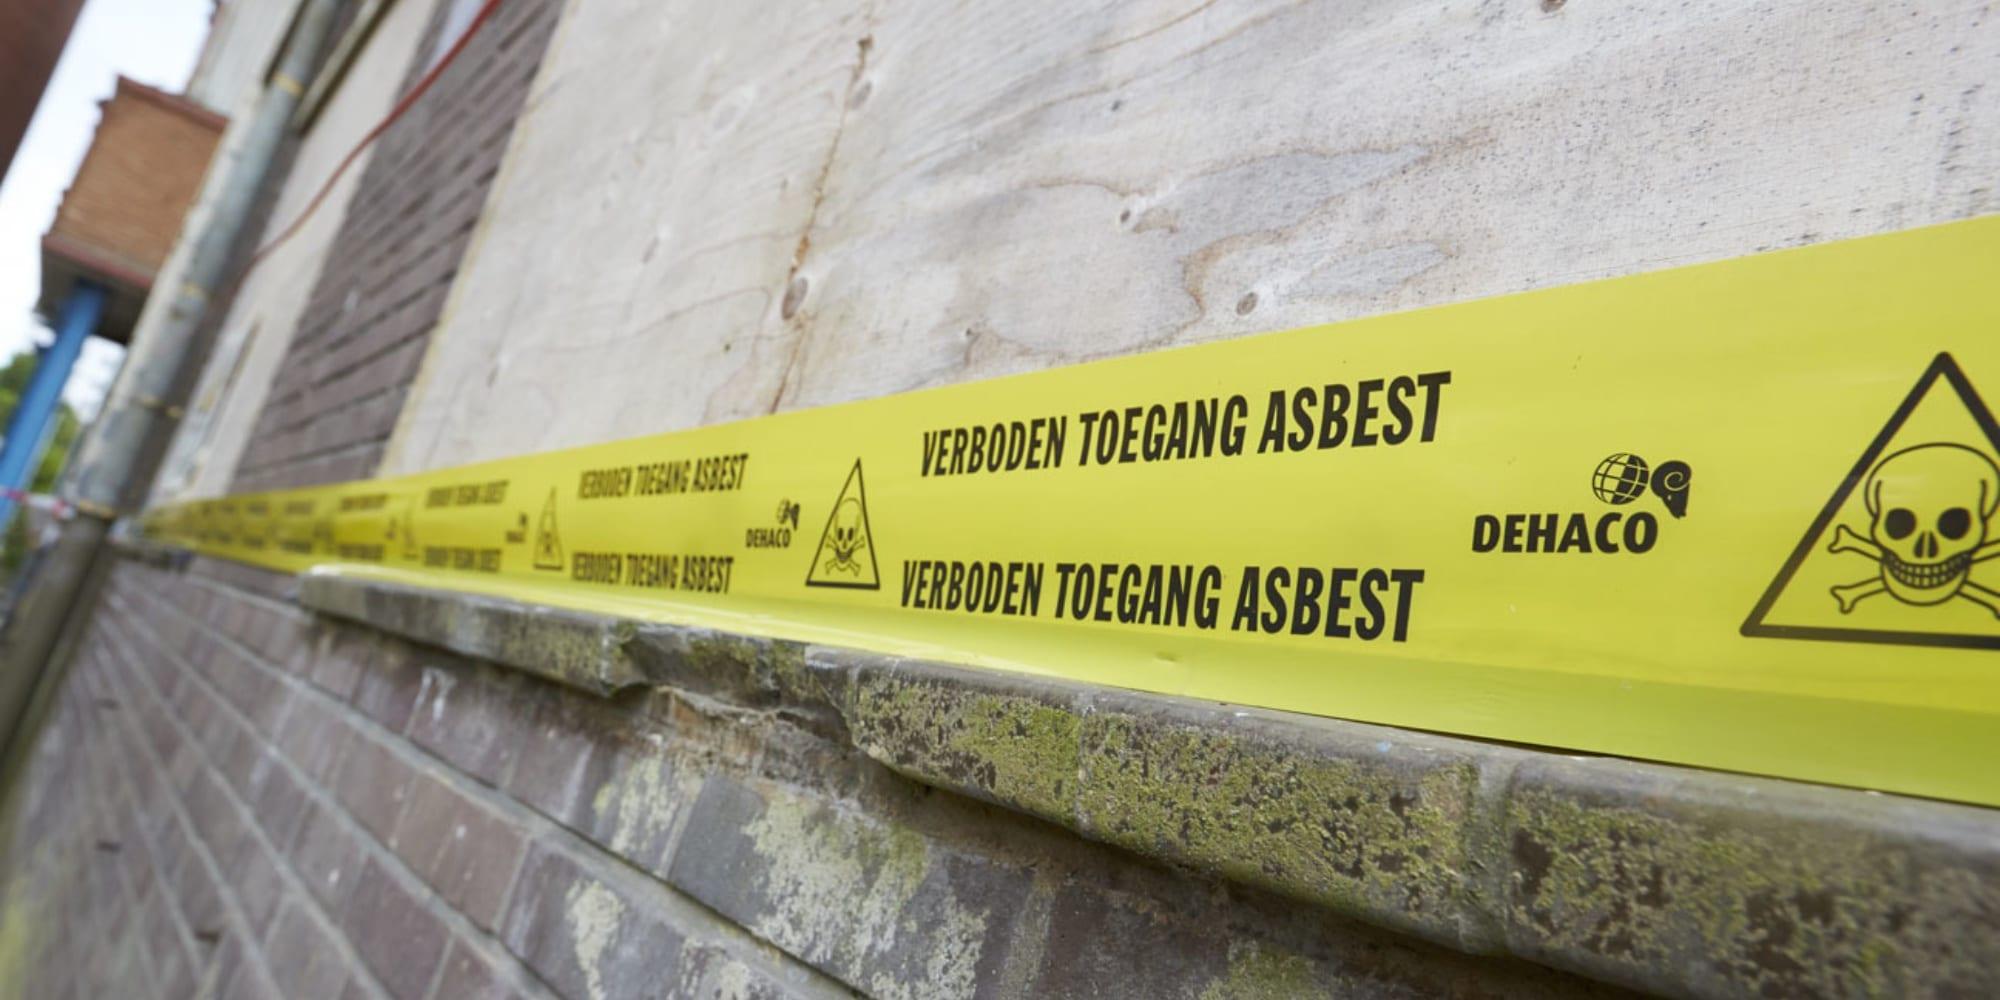 RPS heeft eerste fase asbestonderzoek in Nedstaal-fabriek voltooid